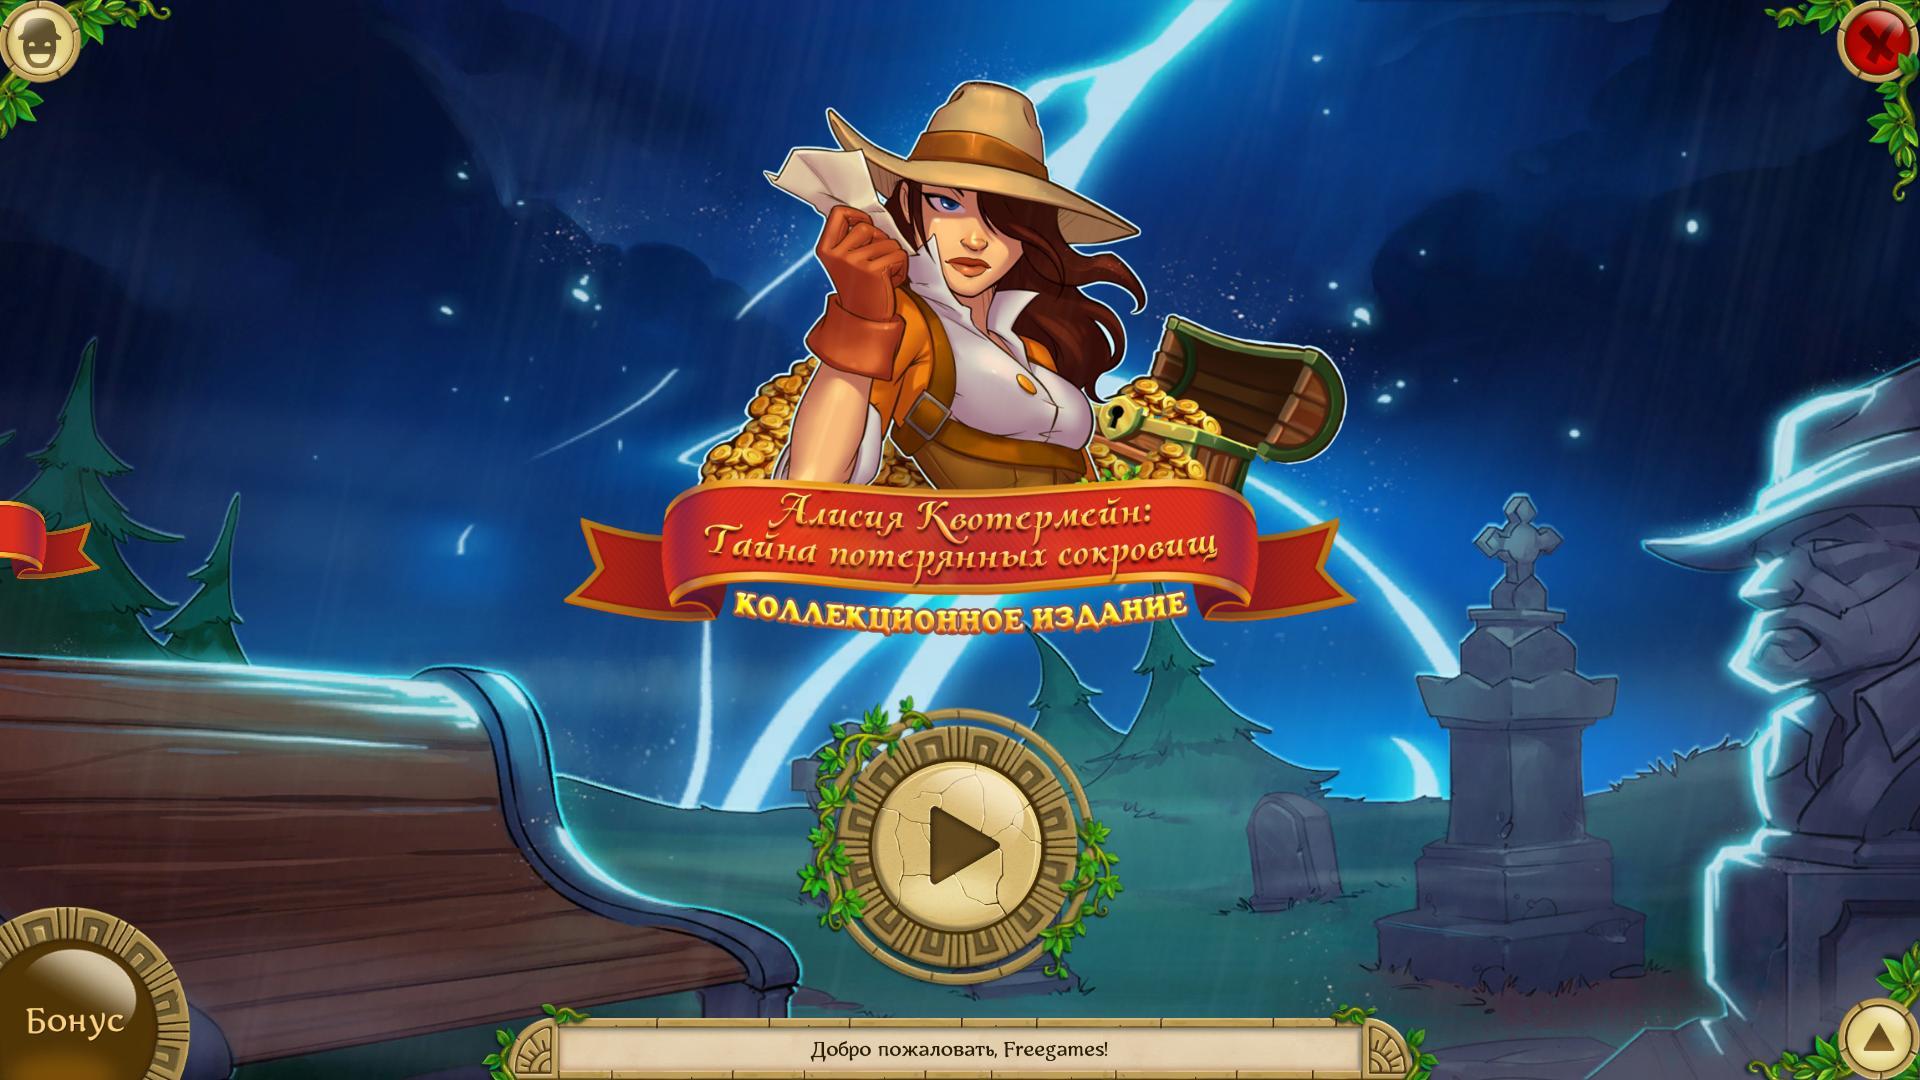 Алисия Квотермейн: Тайна потерянных сокровищ. Коллекционное издание | Alicia Quatermain: Secret of the Lost Treasures CE (Rus)